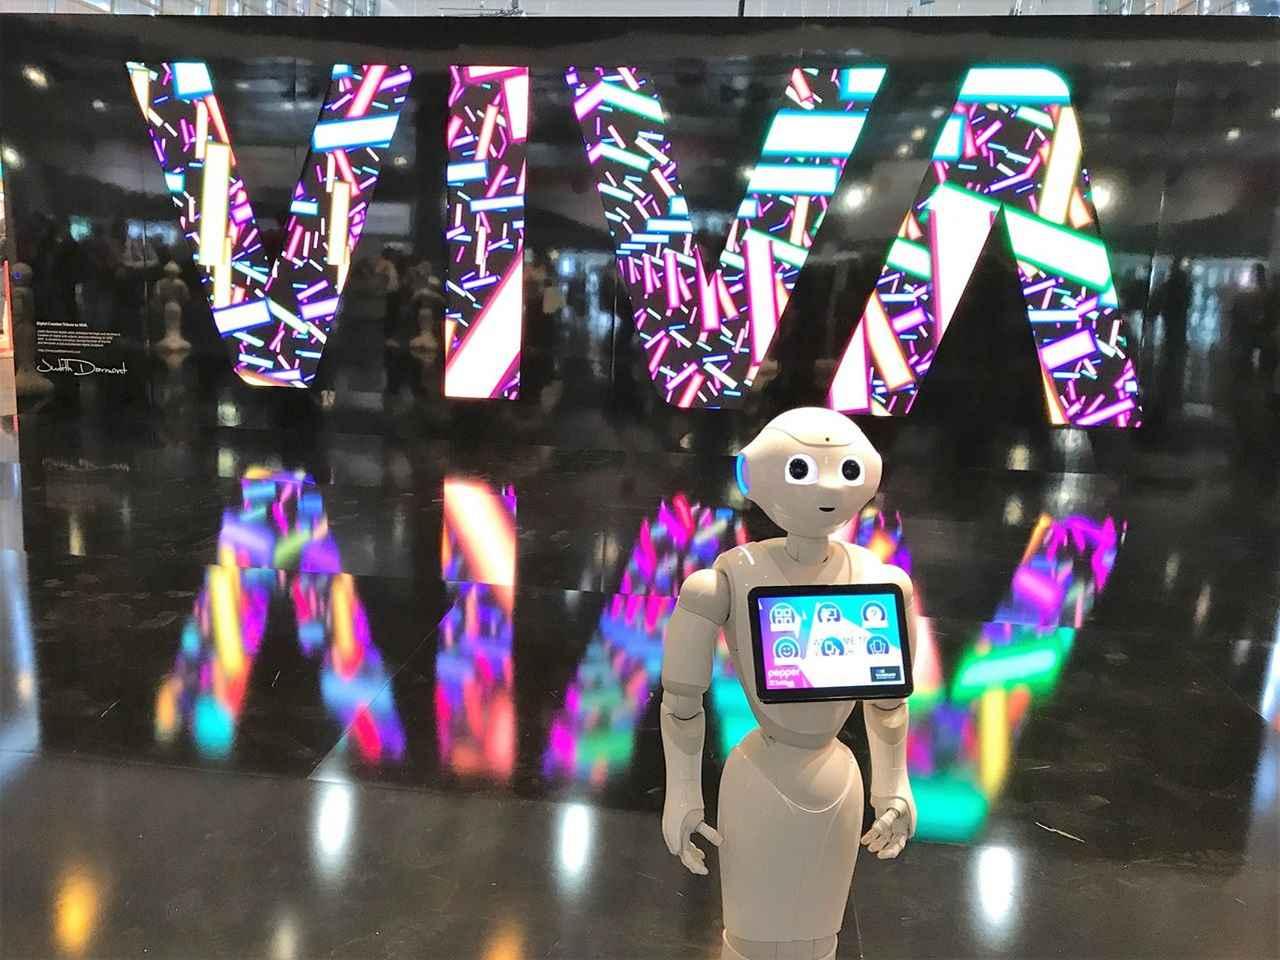 Images : 2番目の画像 - 「【存在感増すフランス最大のスタートアップイベント:ViVa Technology 5/24-26開催】」のアルバム - キャナルベンチャーズ株式会社